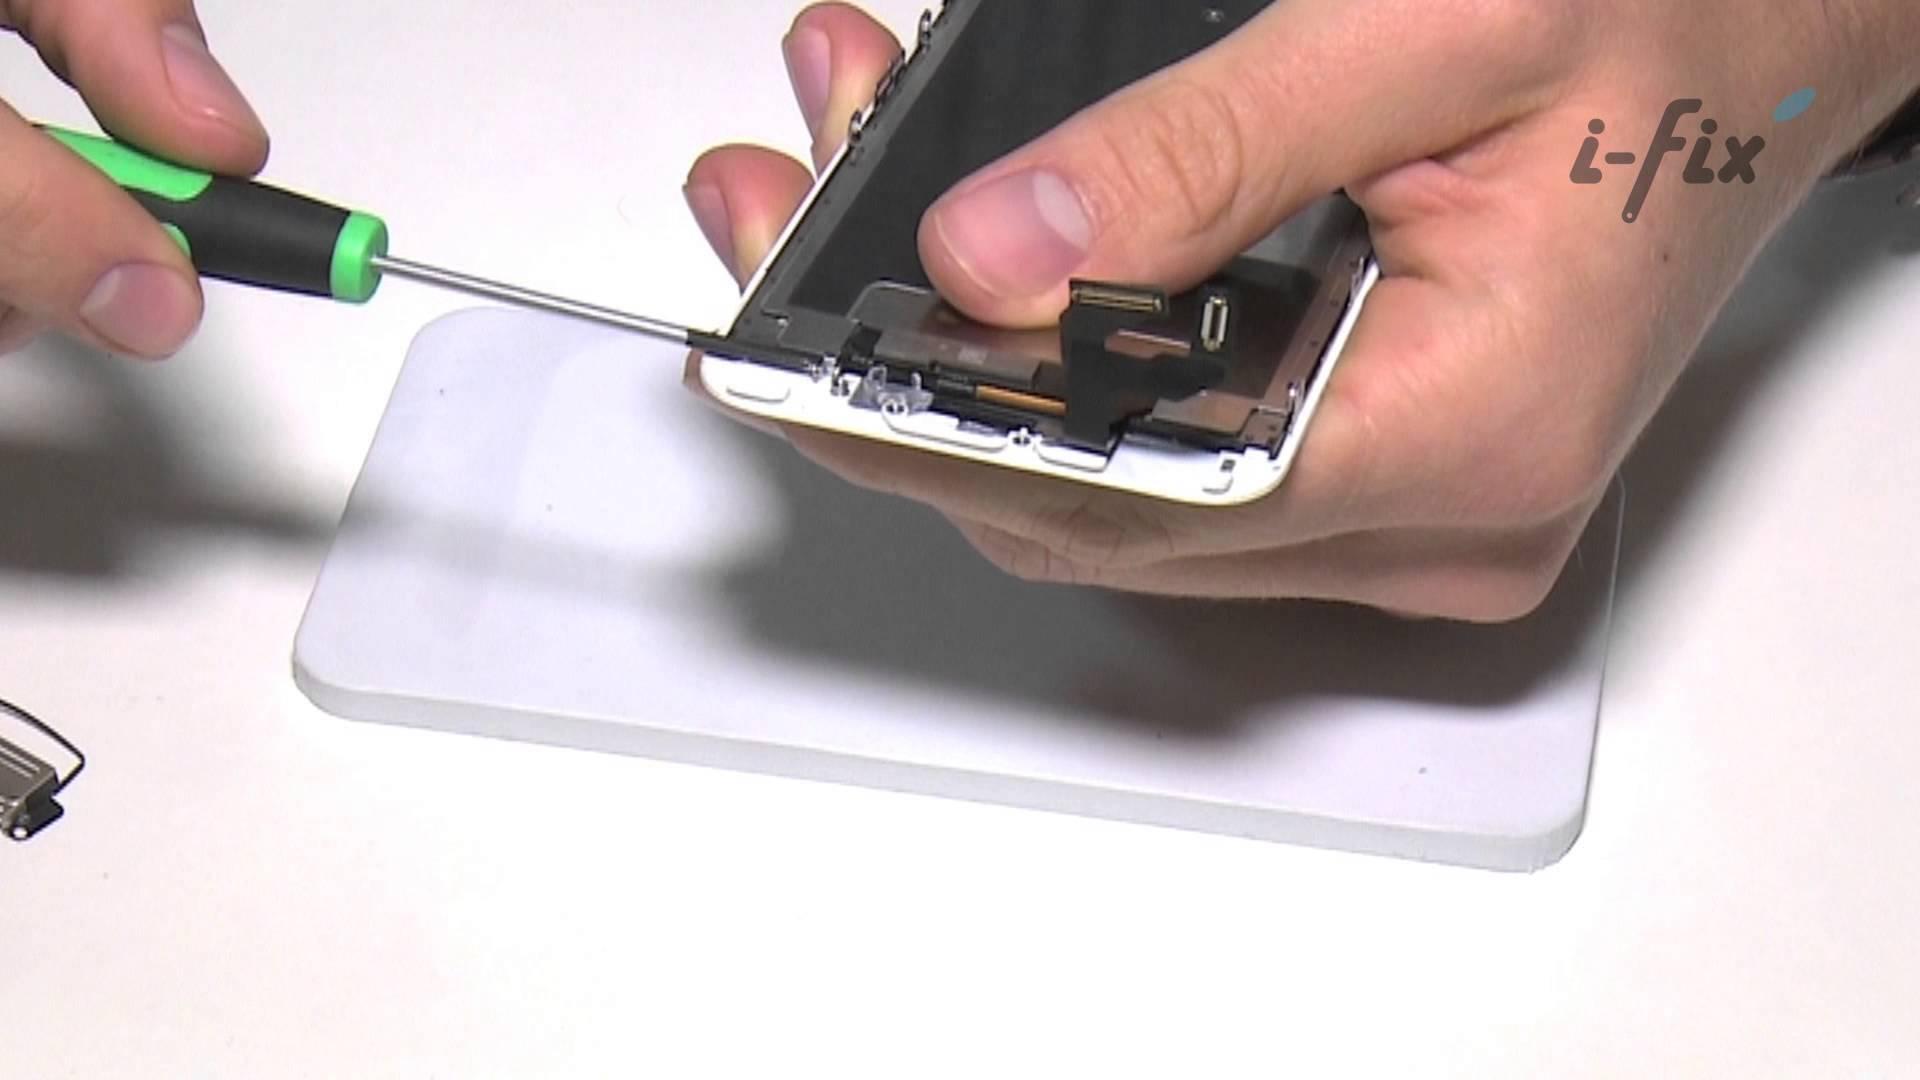 Риски повреждений при замене стекла iPhone 6s своими руками